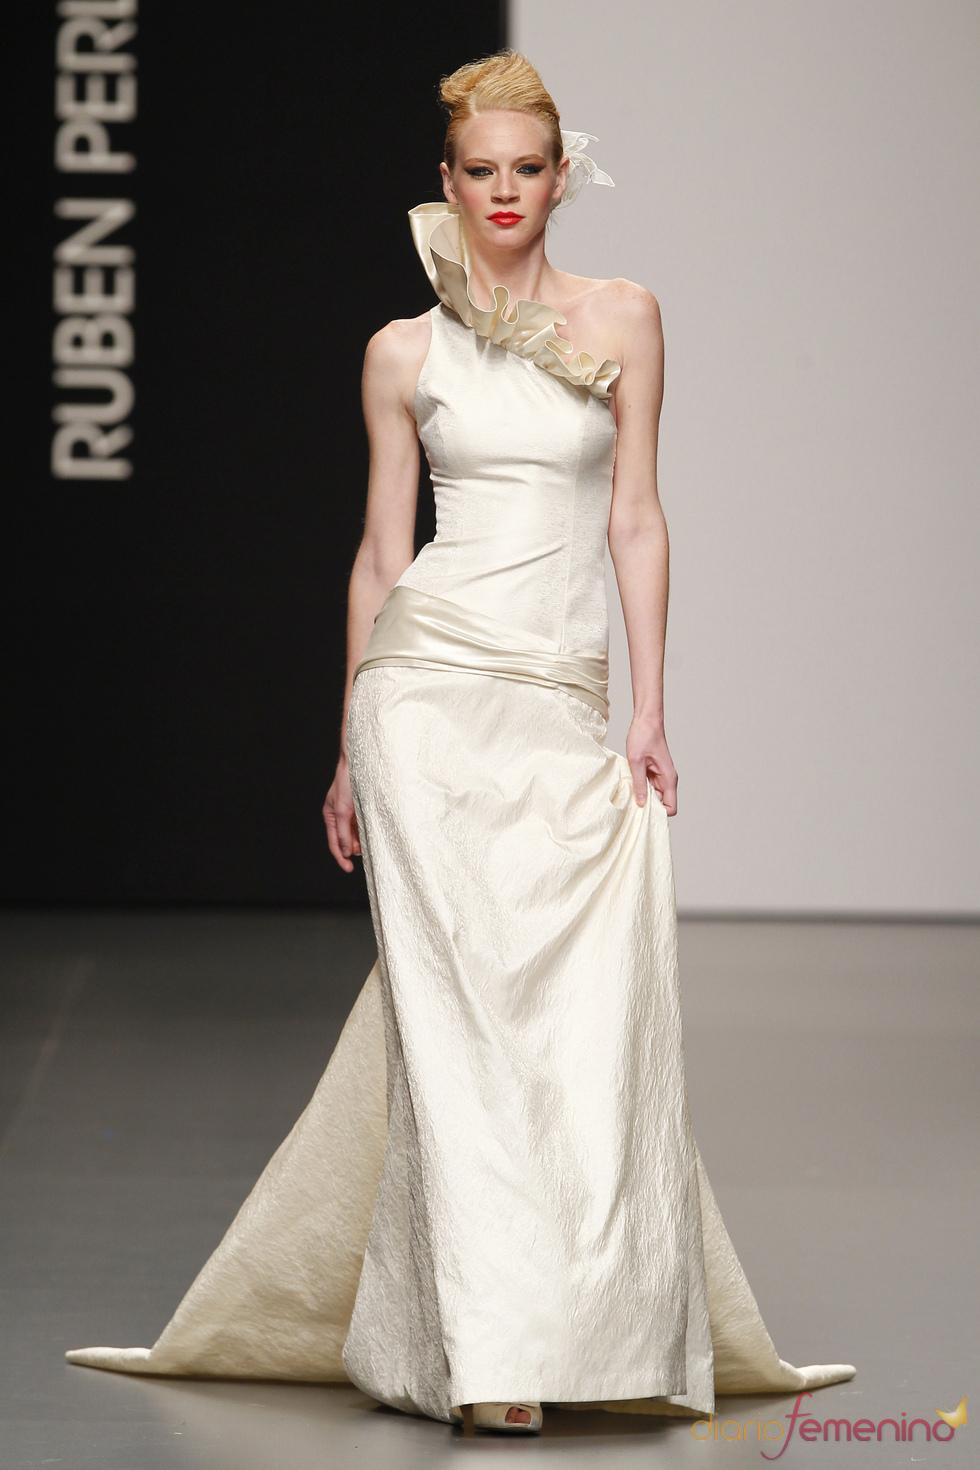 7c82a22c3 Vestido de novia asimétrico de Rubén Perlotti